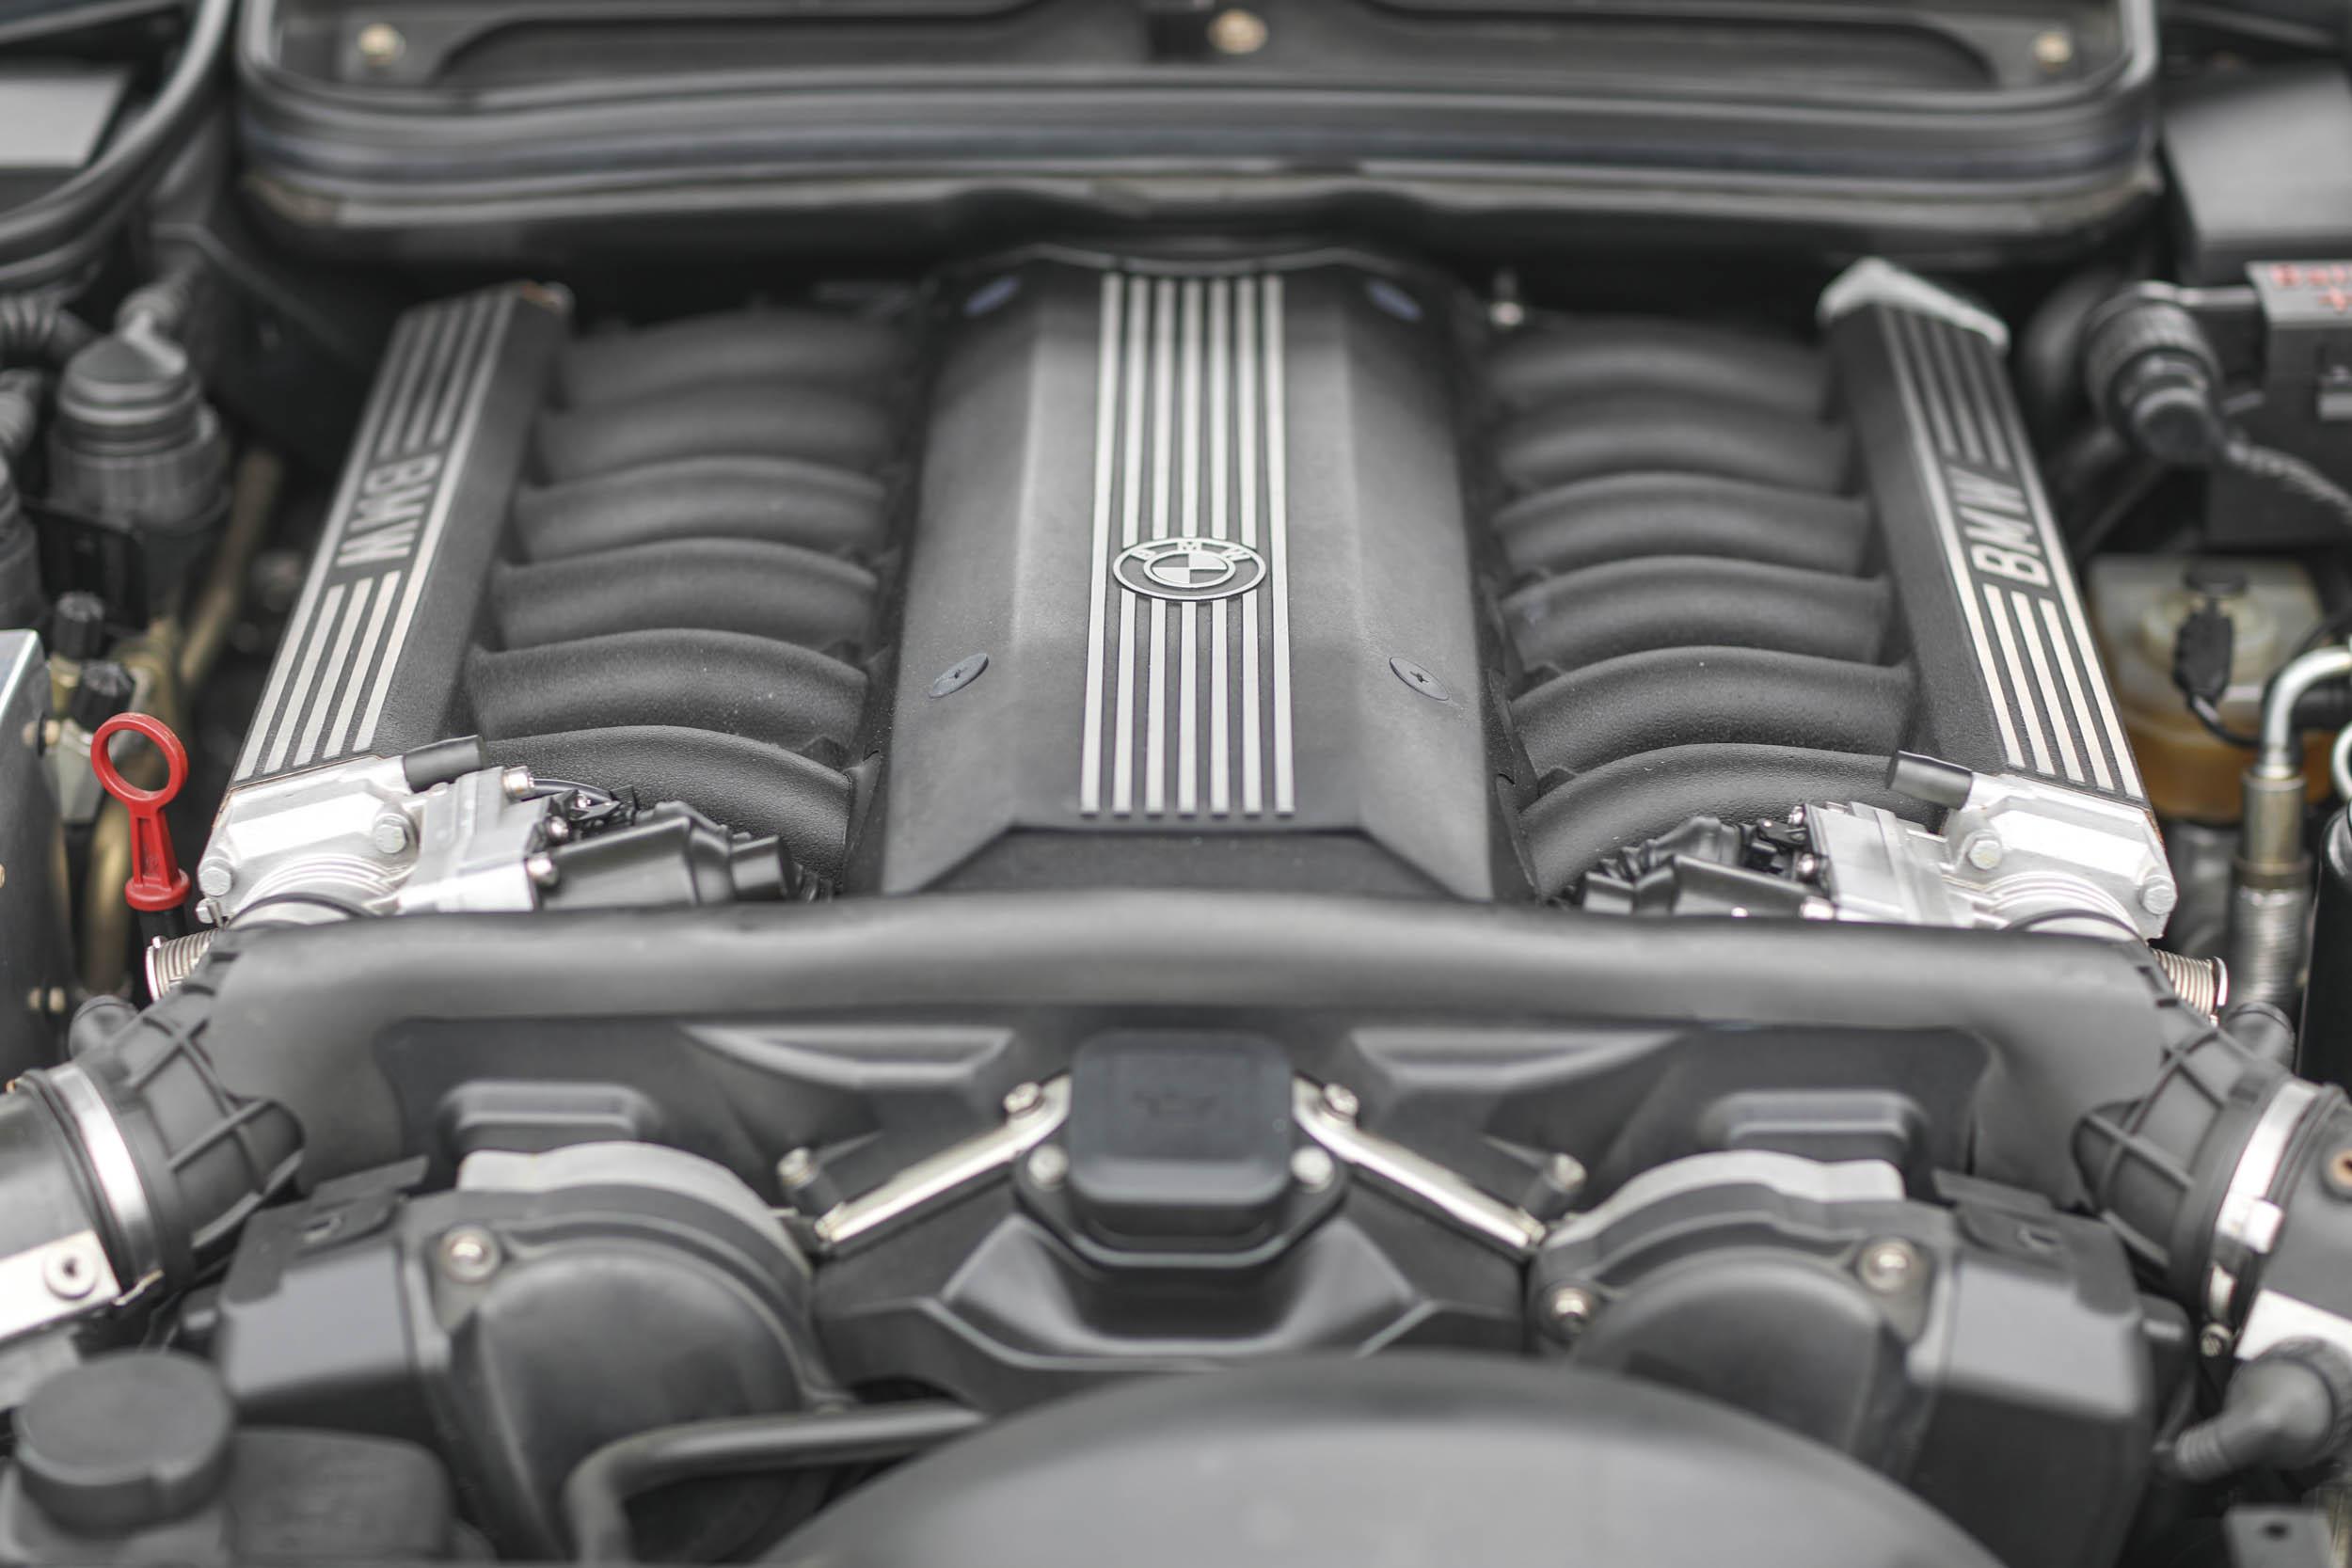 1993 BMW 850Ci engine